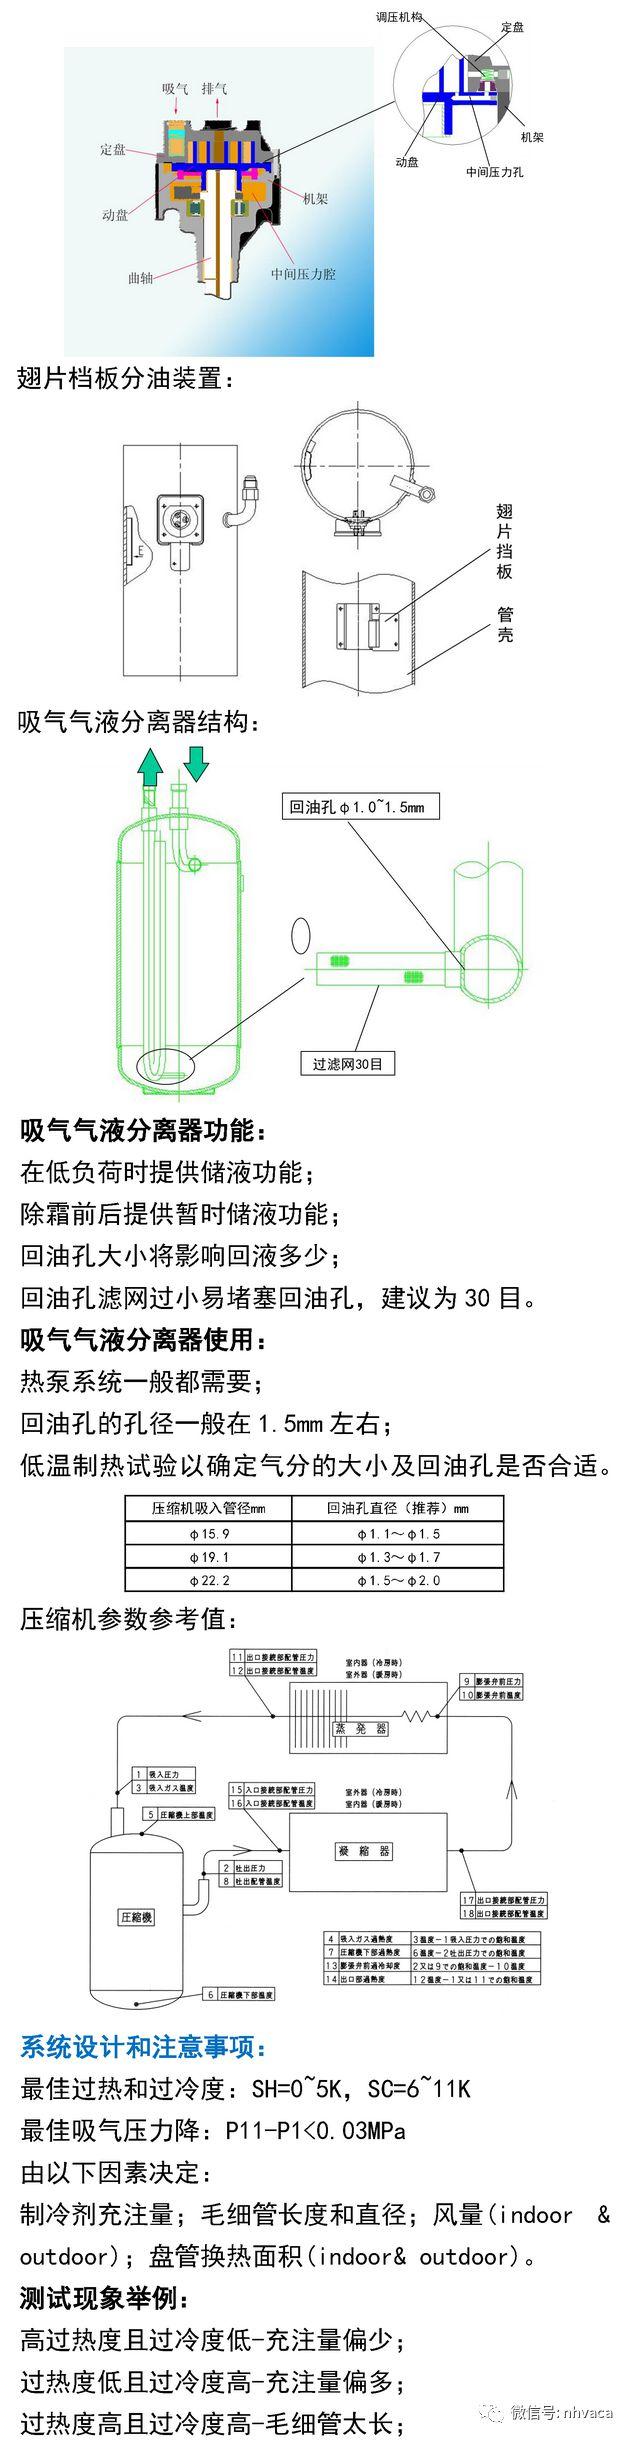 涡旋压缩机设计应用手册_3